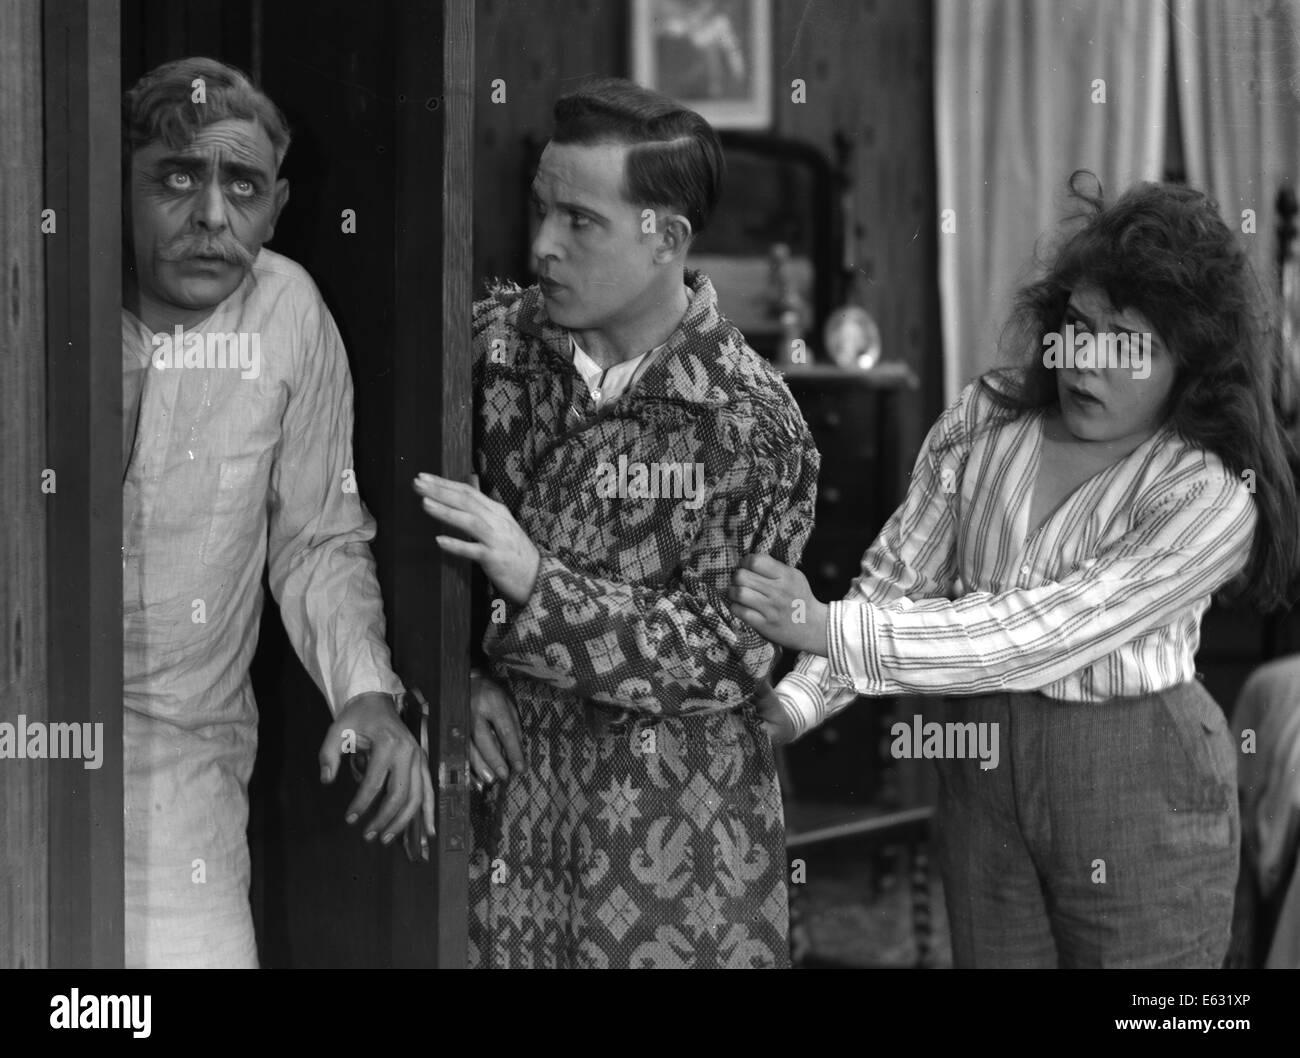 1910s 1920s sleepwalking older man discovered at bedroom door by